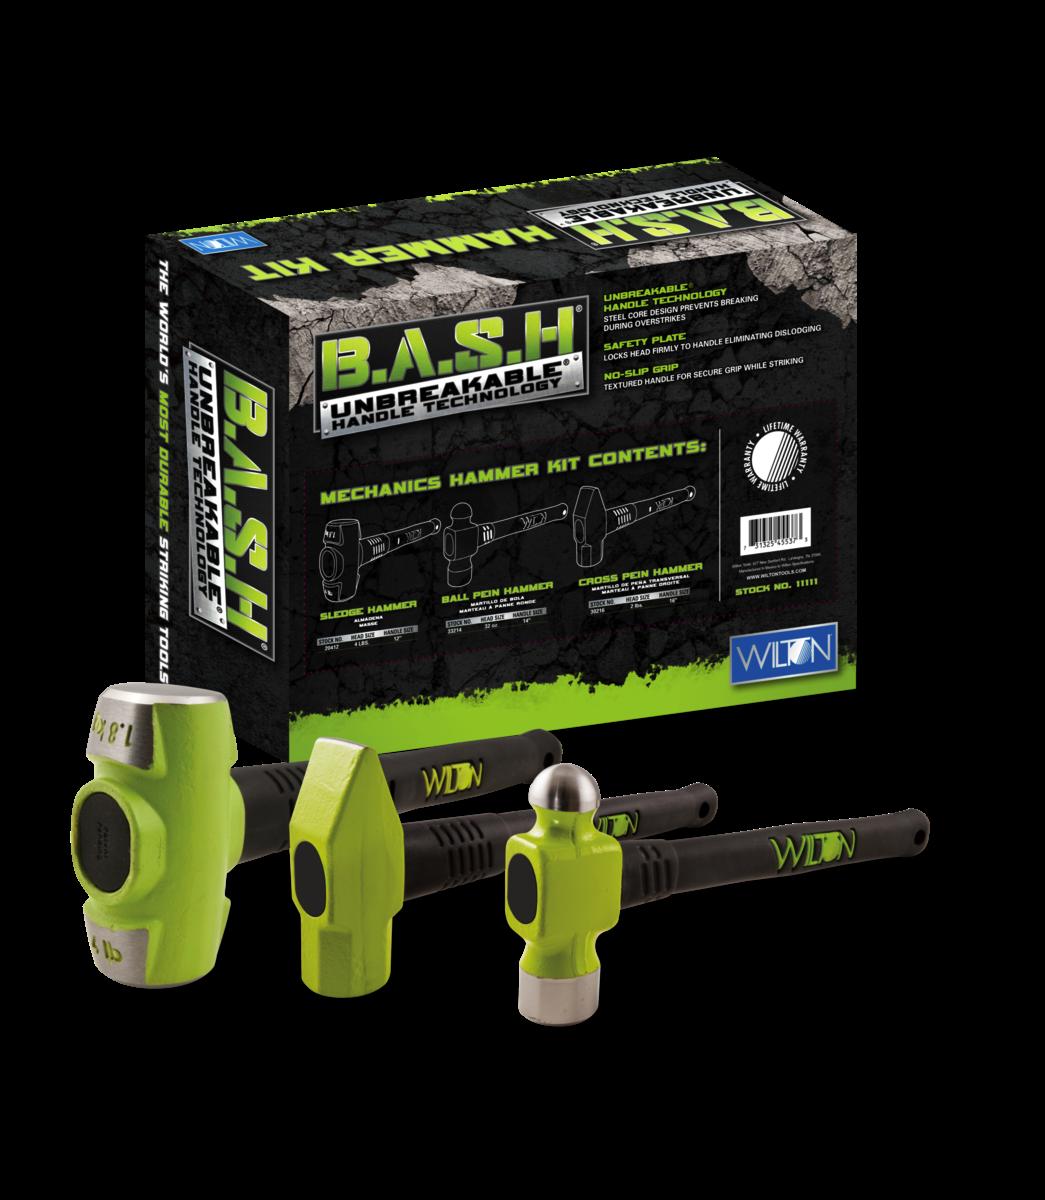 B.A.S.H® Kits